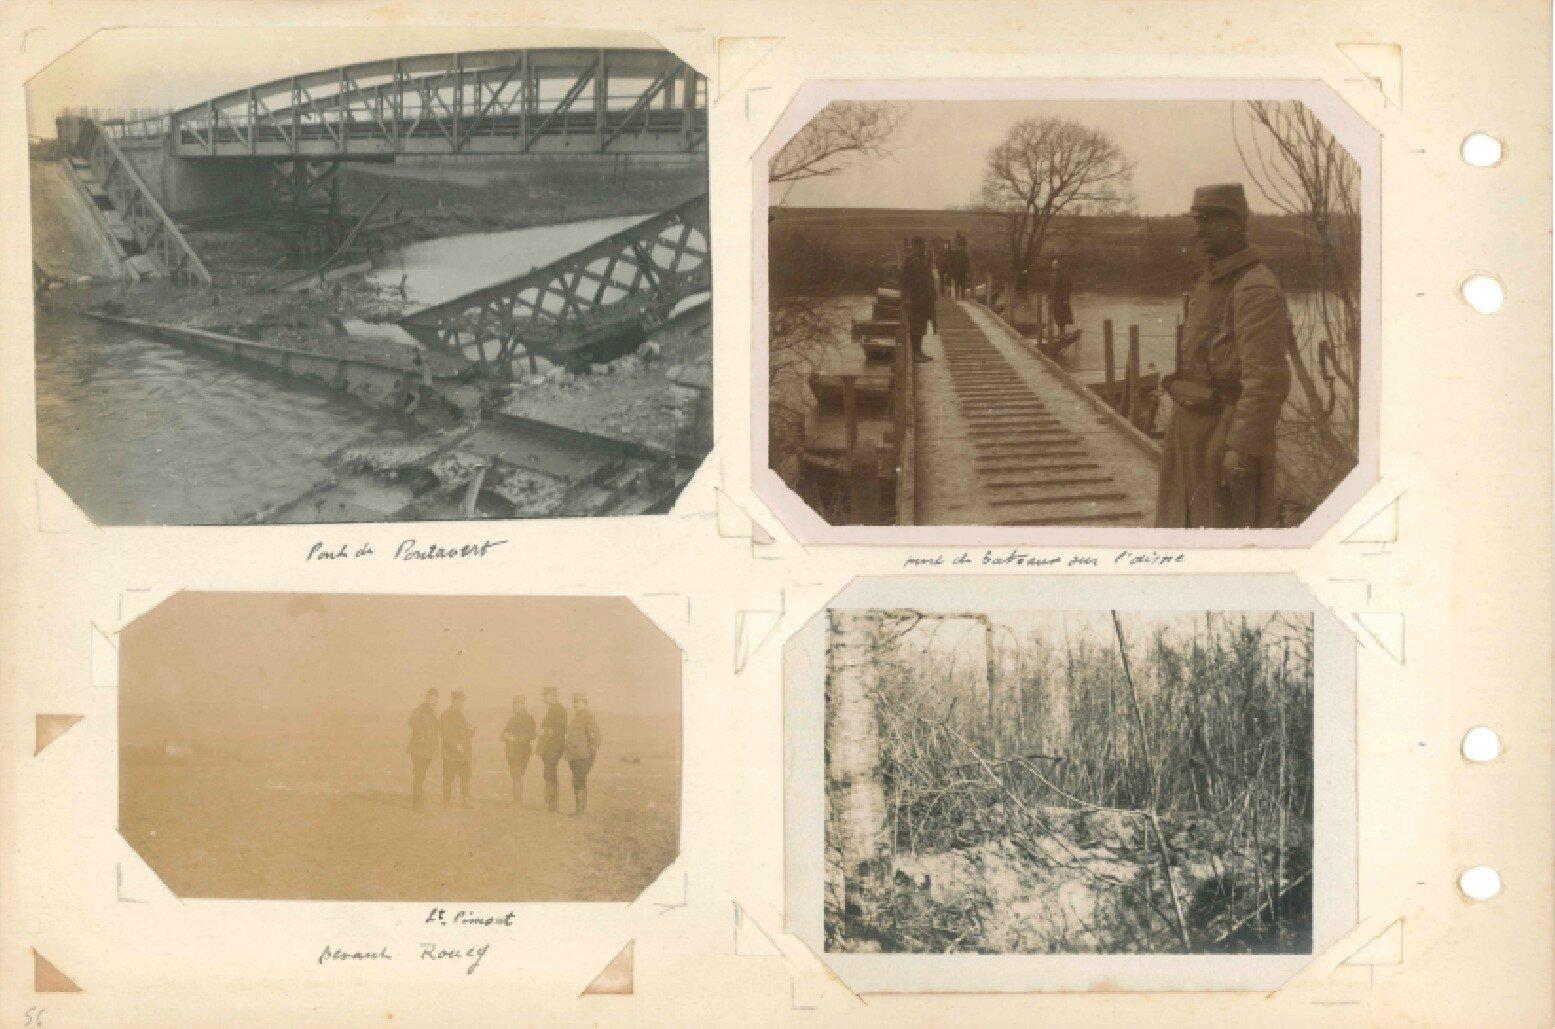 p.056 - Front de l'Aisne (13 septembre 1914 – 22 mai 1915)